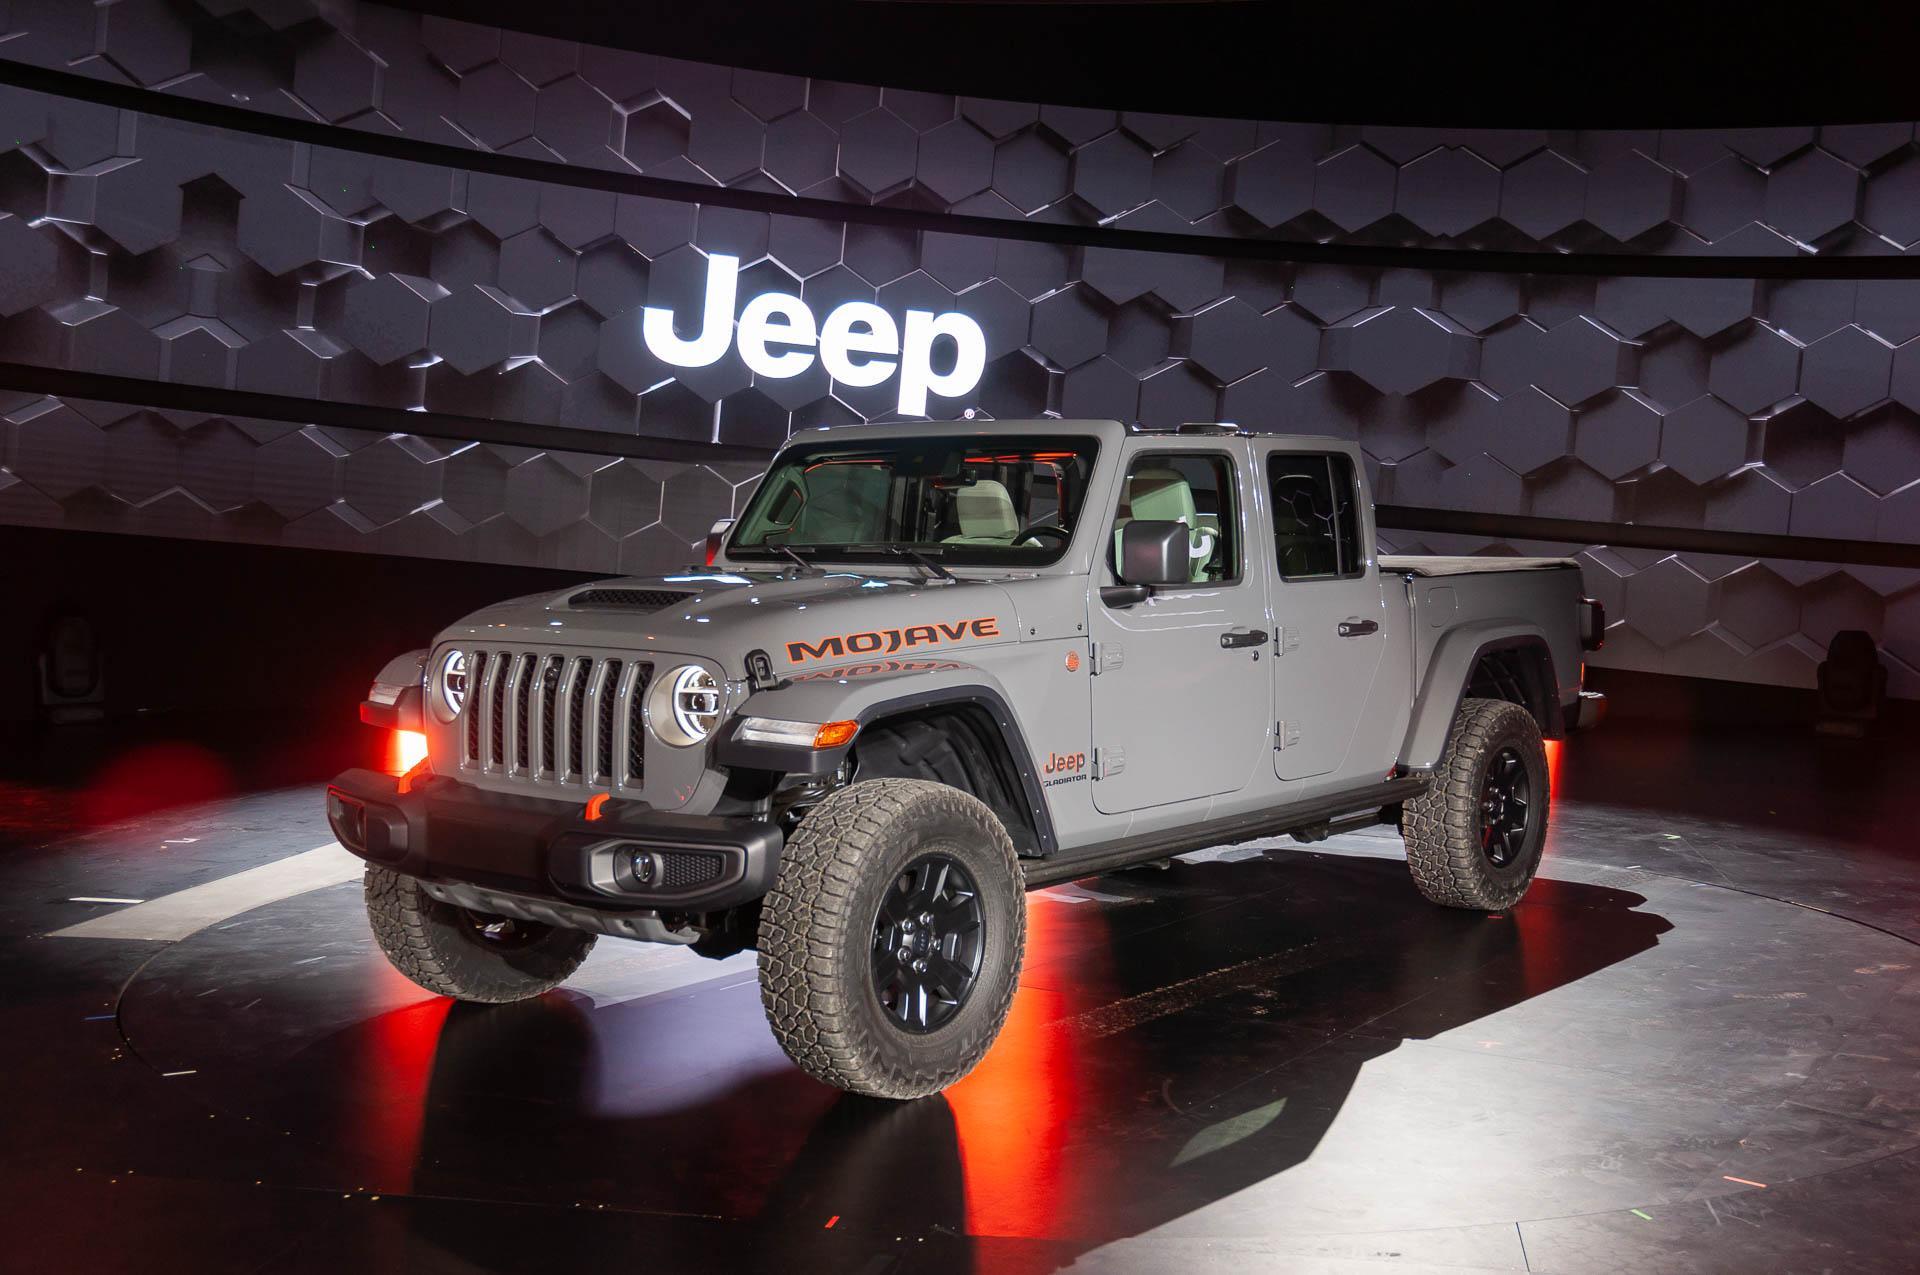 Dune-bashing 2020 Jeep Gladiator Mojave pickup arrives